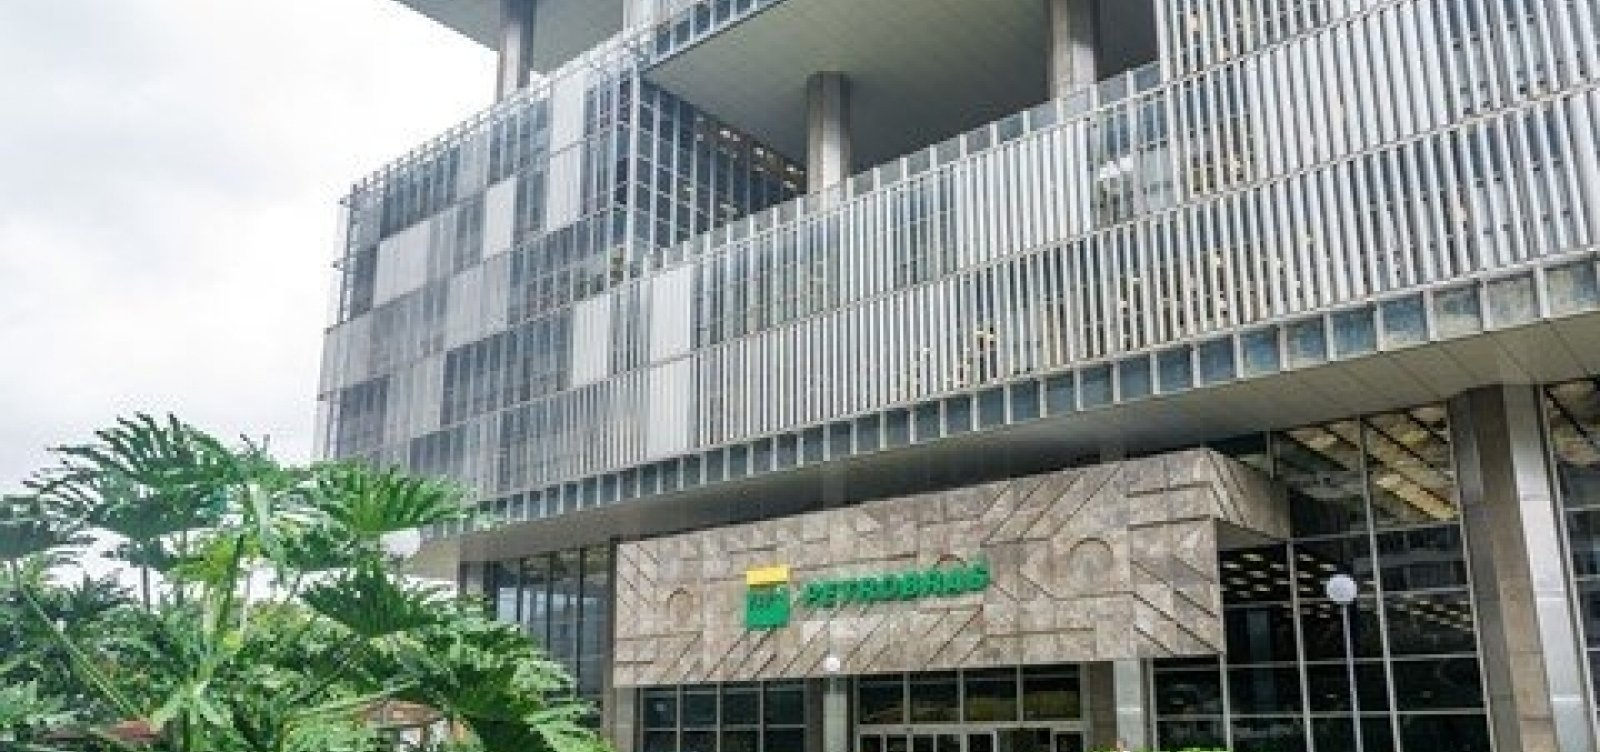 STF derruba decisão do TST que corrigia salários de empregados da Petrobras e custaria R$ 46 bi à estatal